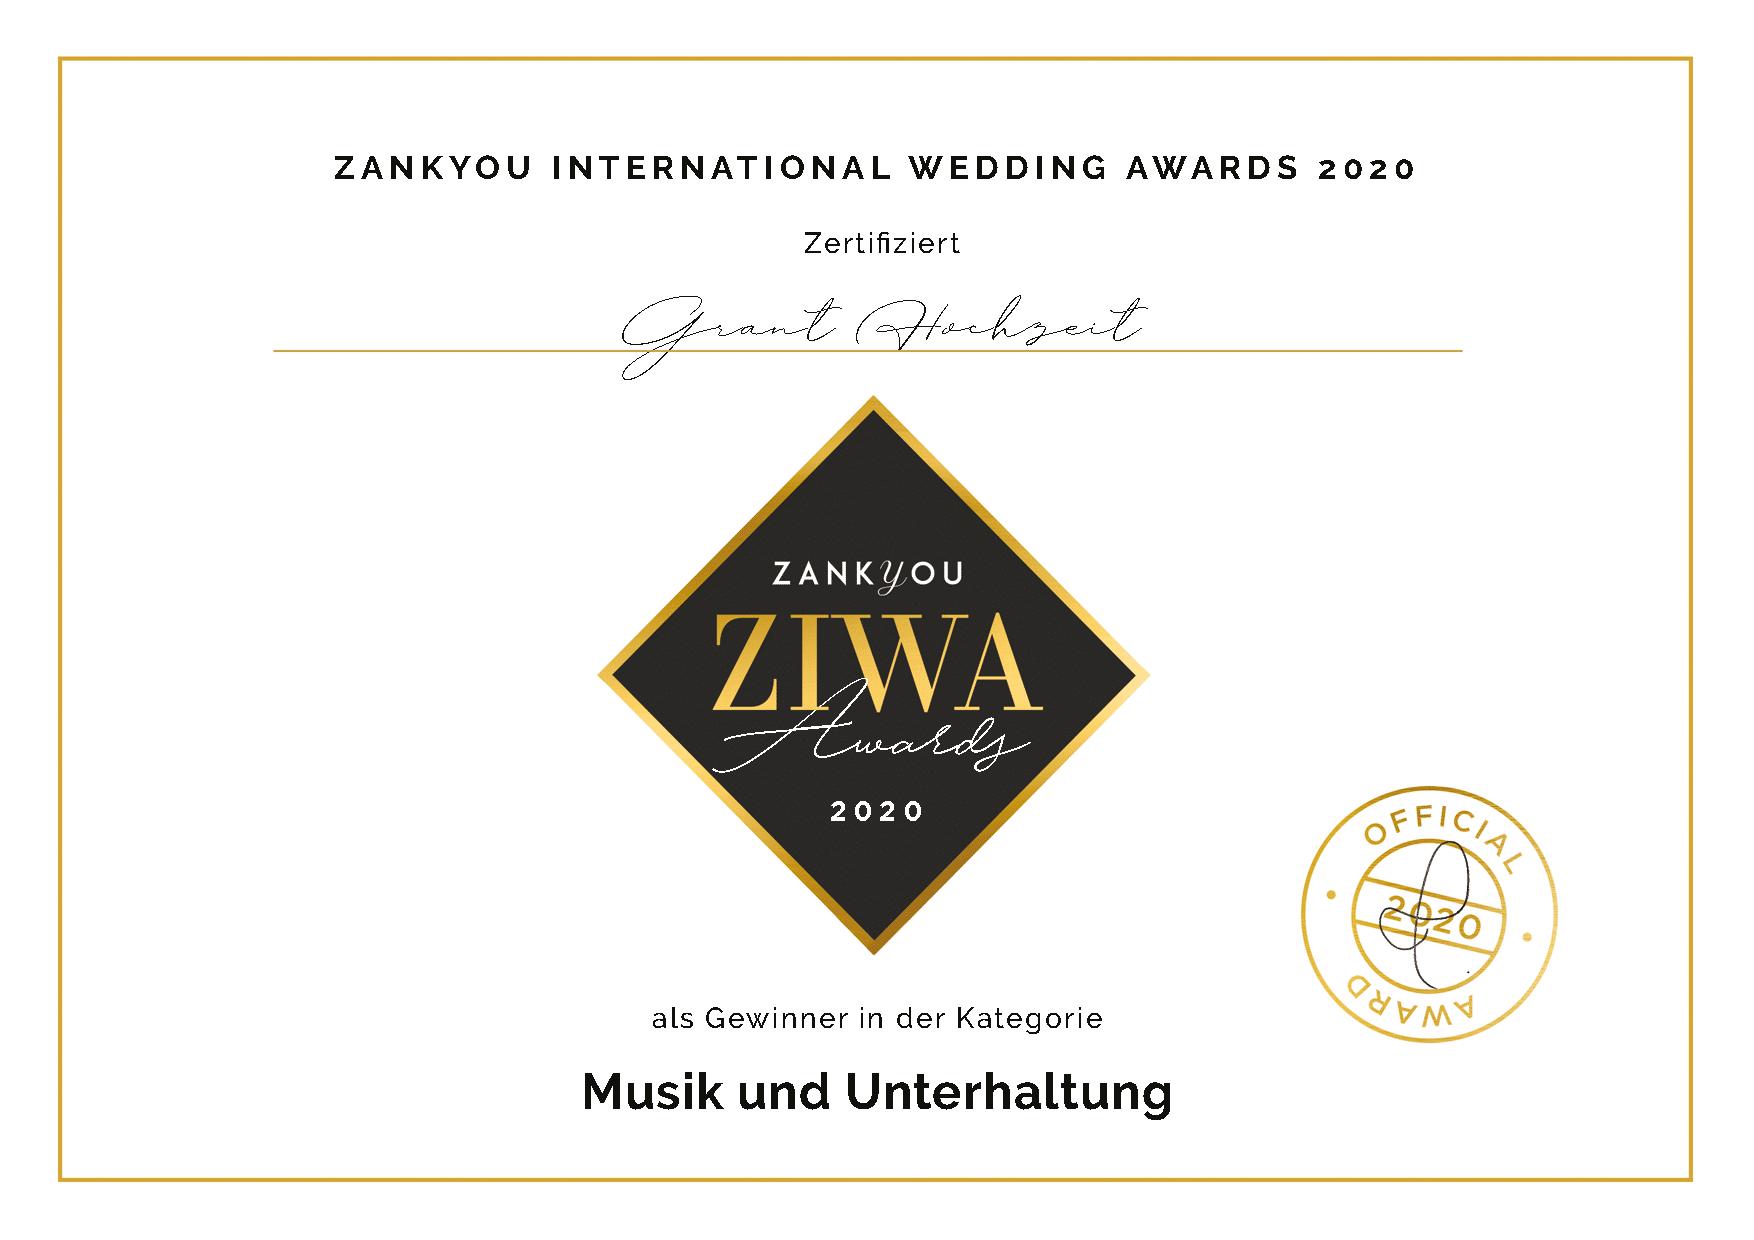 Ziwa Award 2020